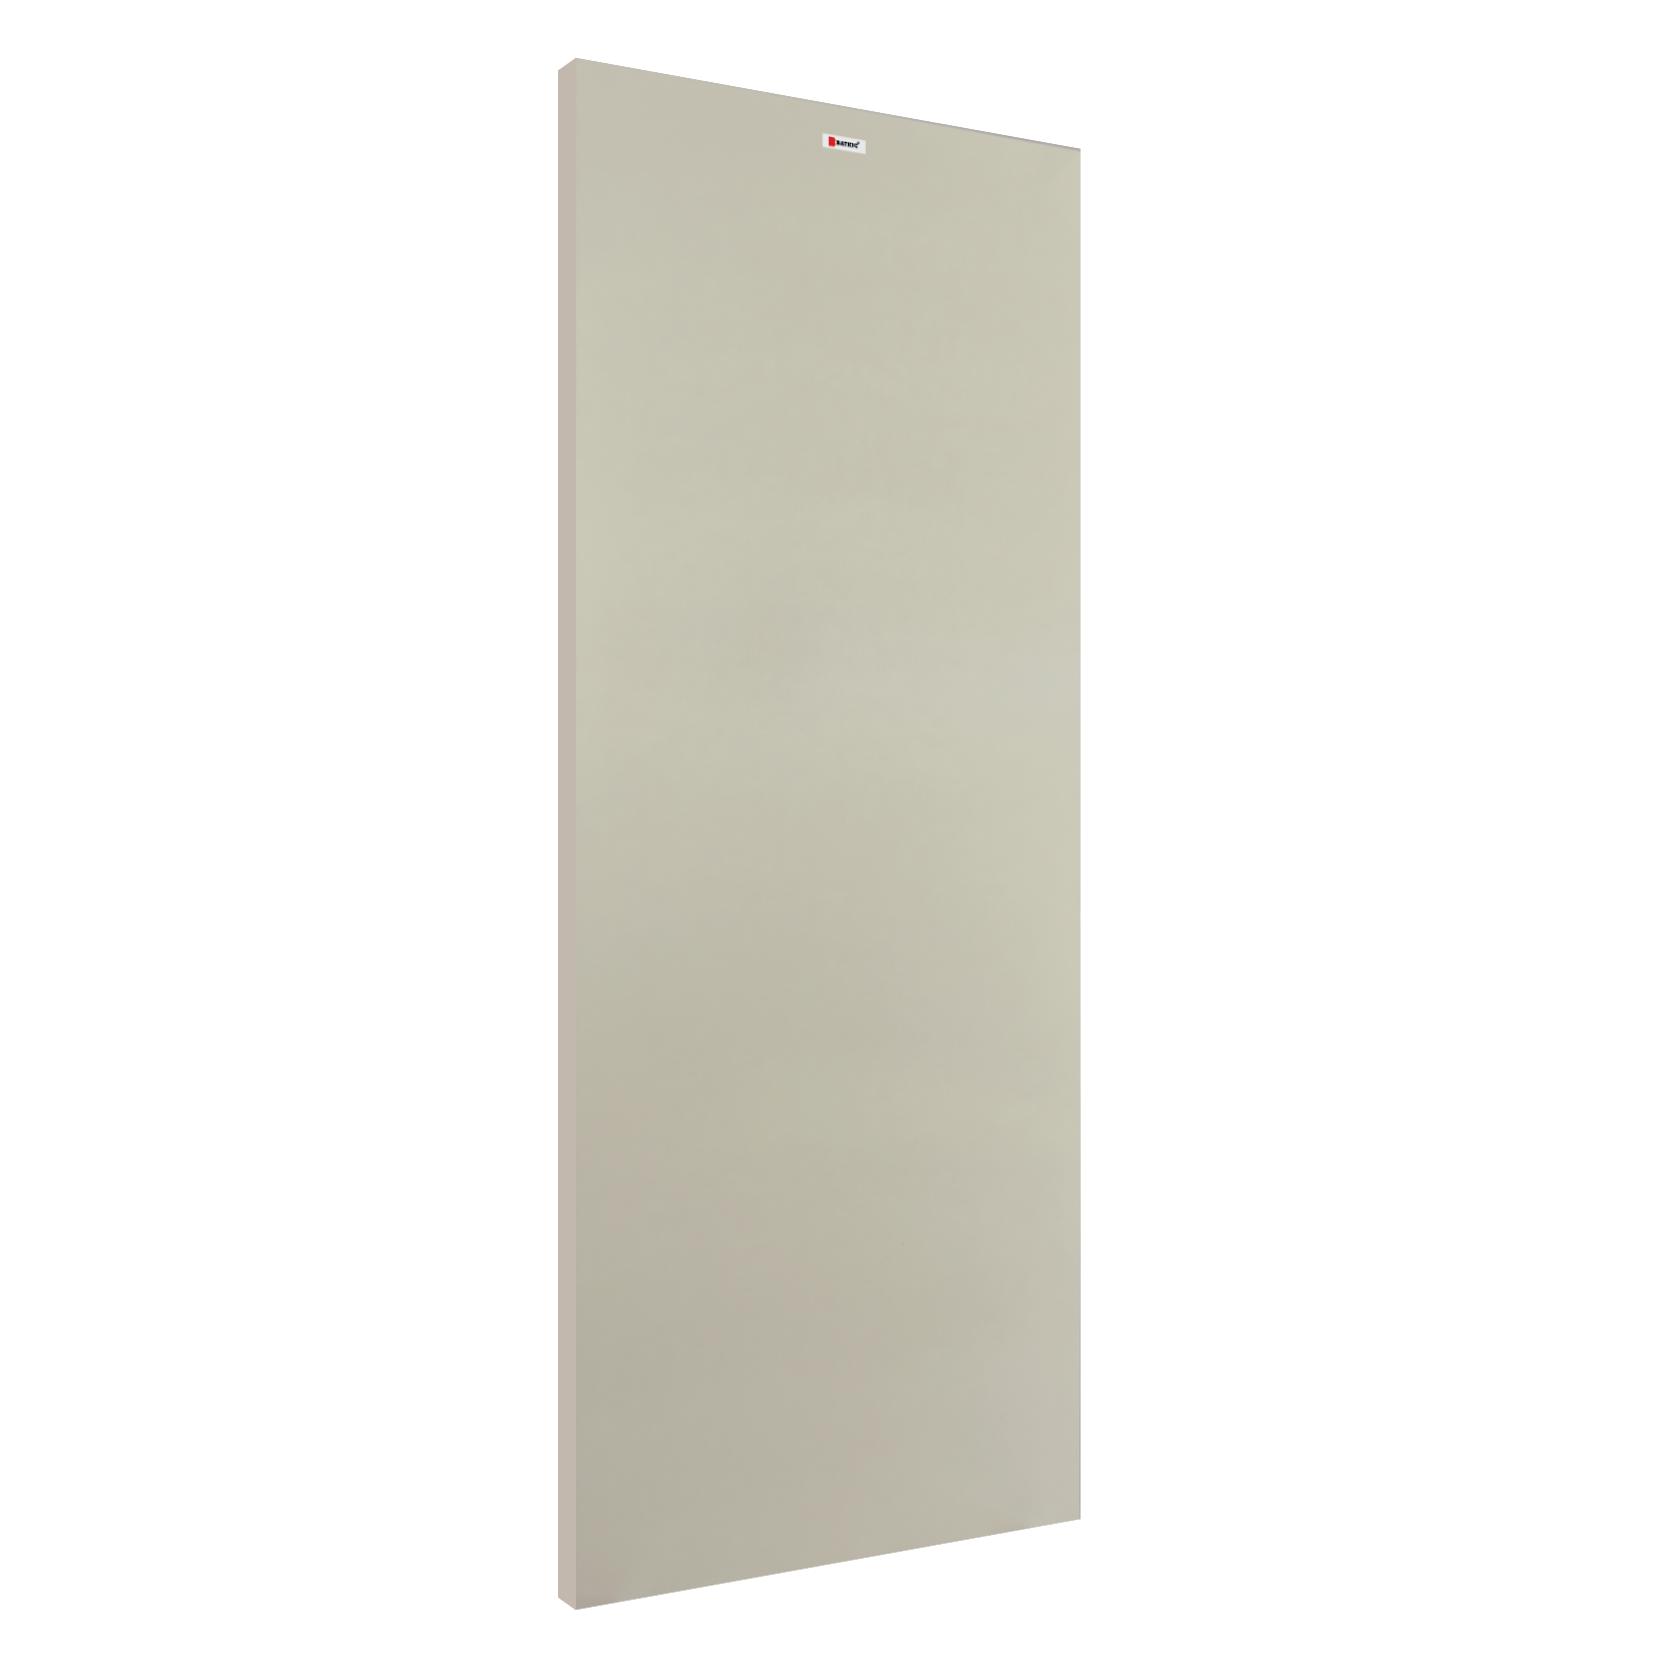 door-upvc-bathic-bup01-cream-3